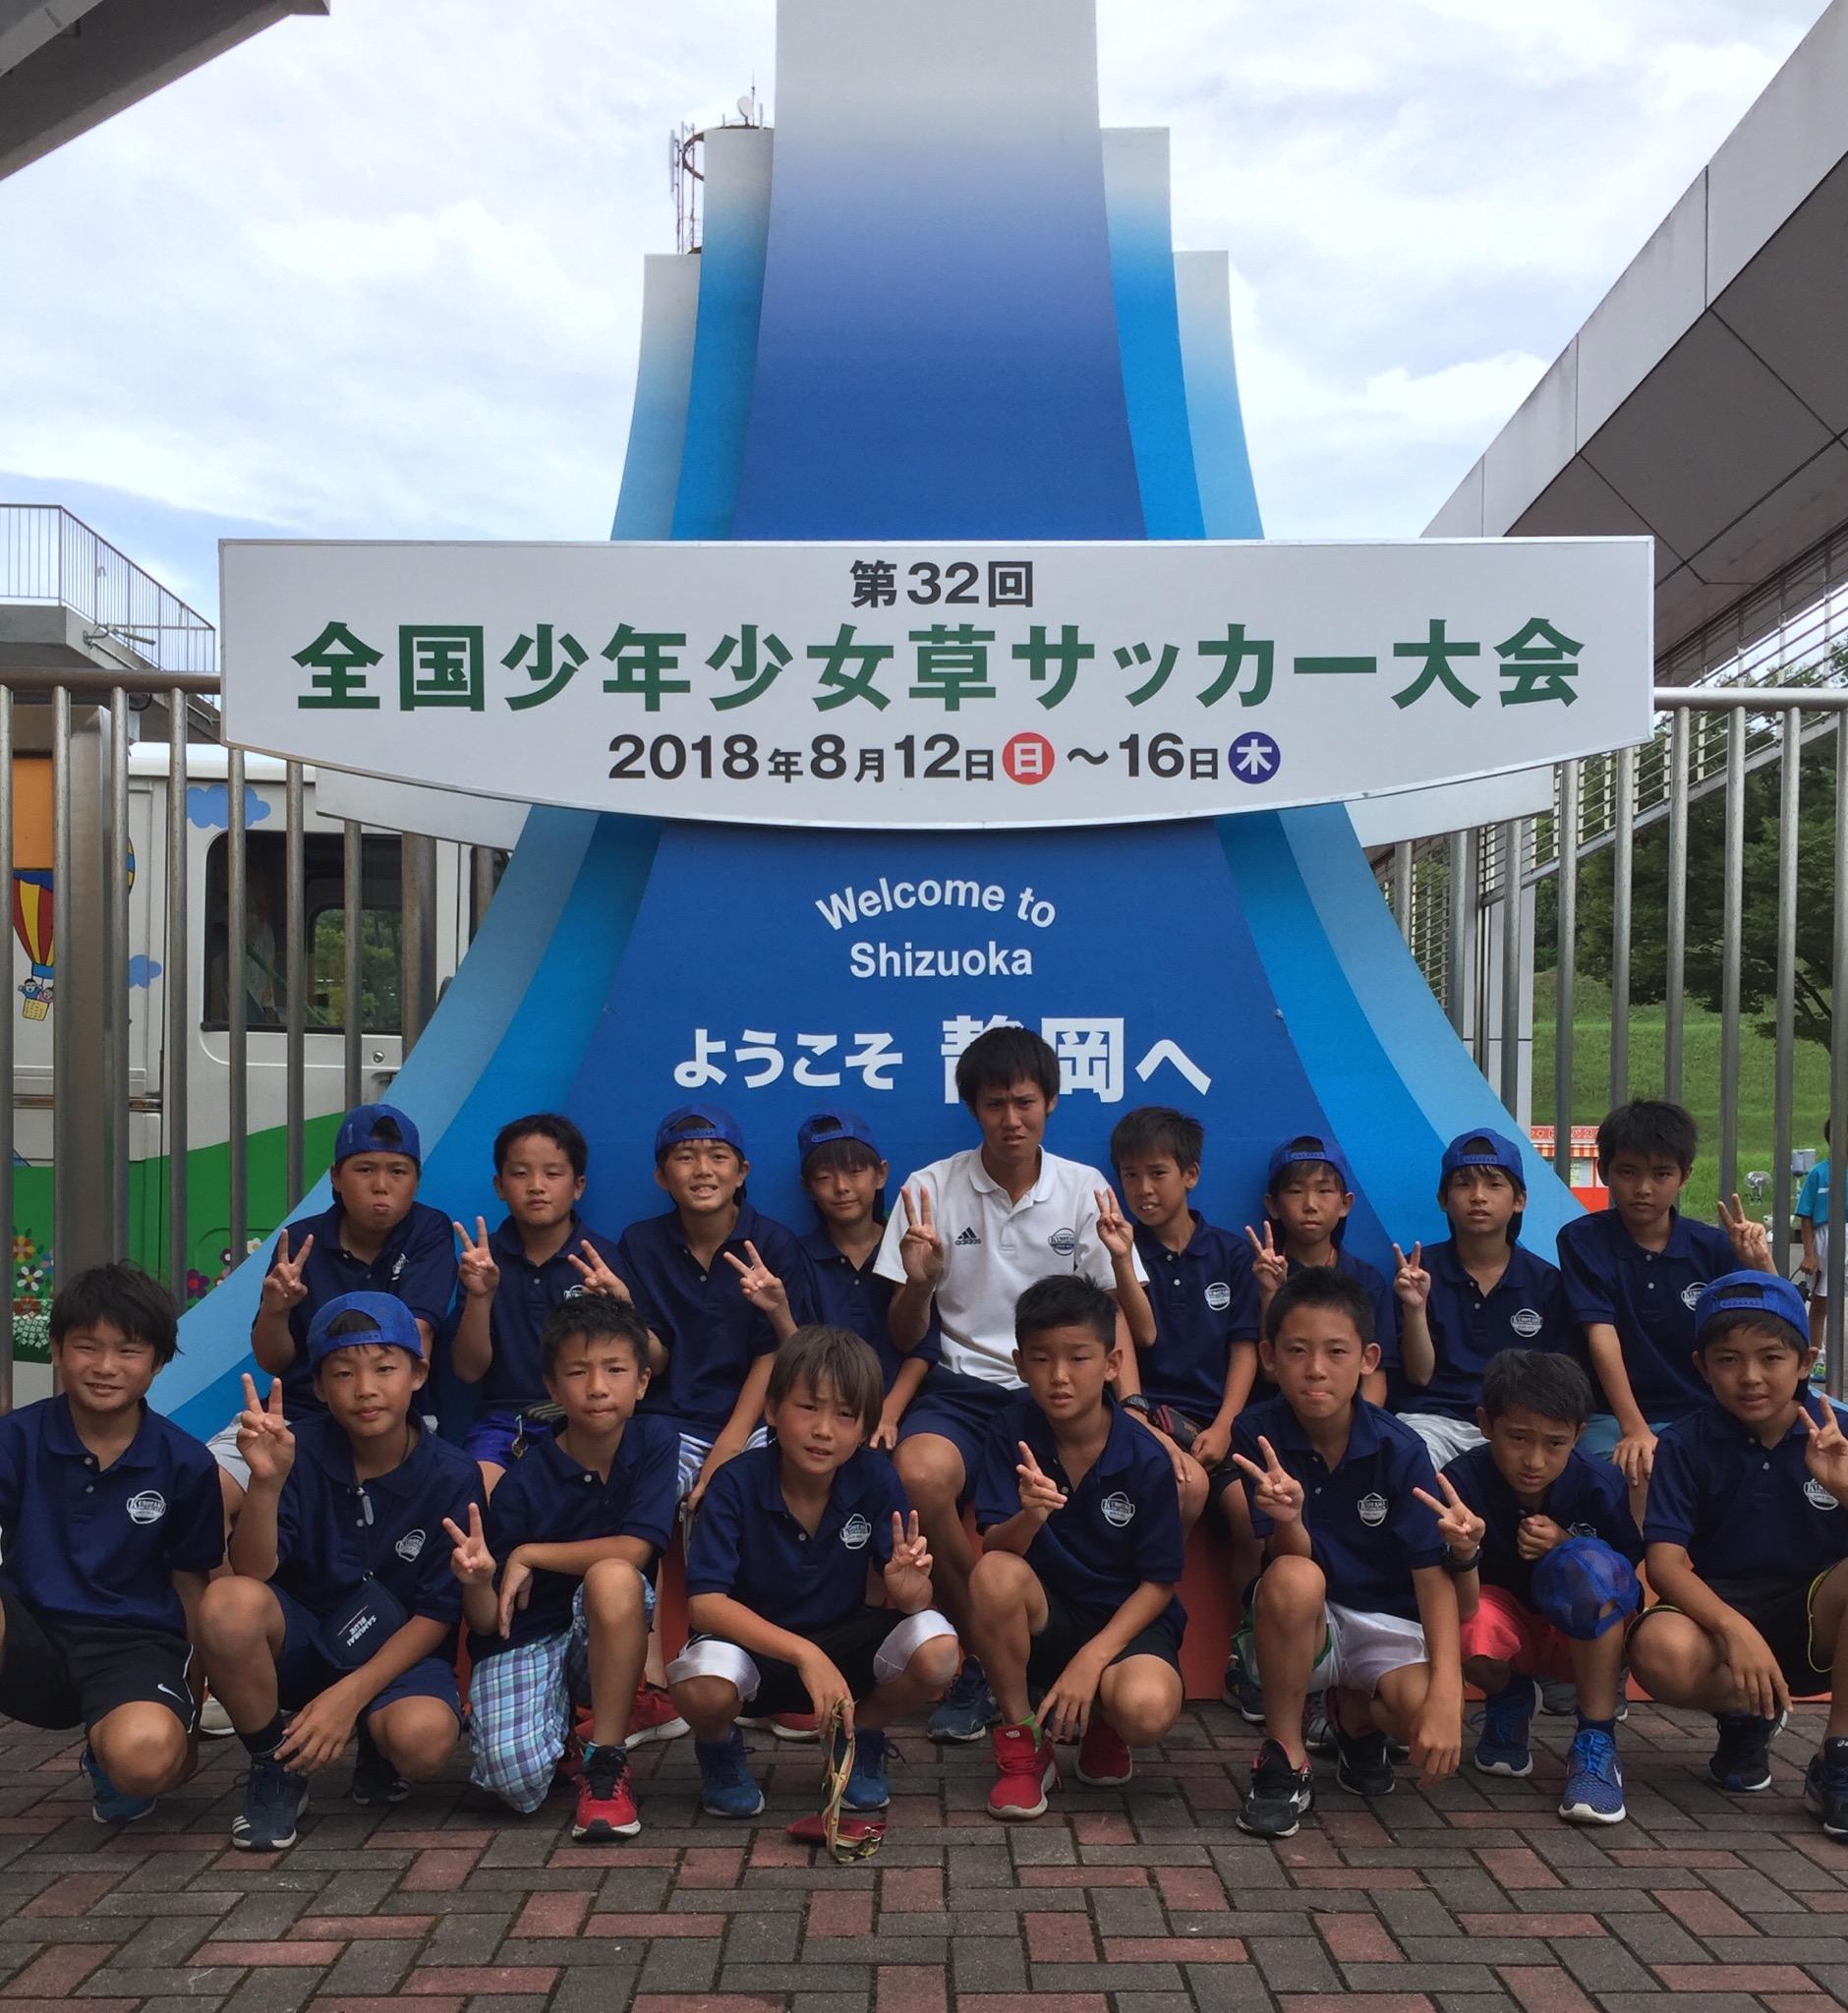 全国少年少女草サッカー大会!